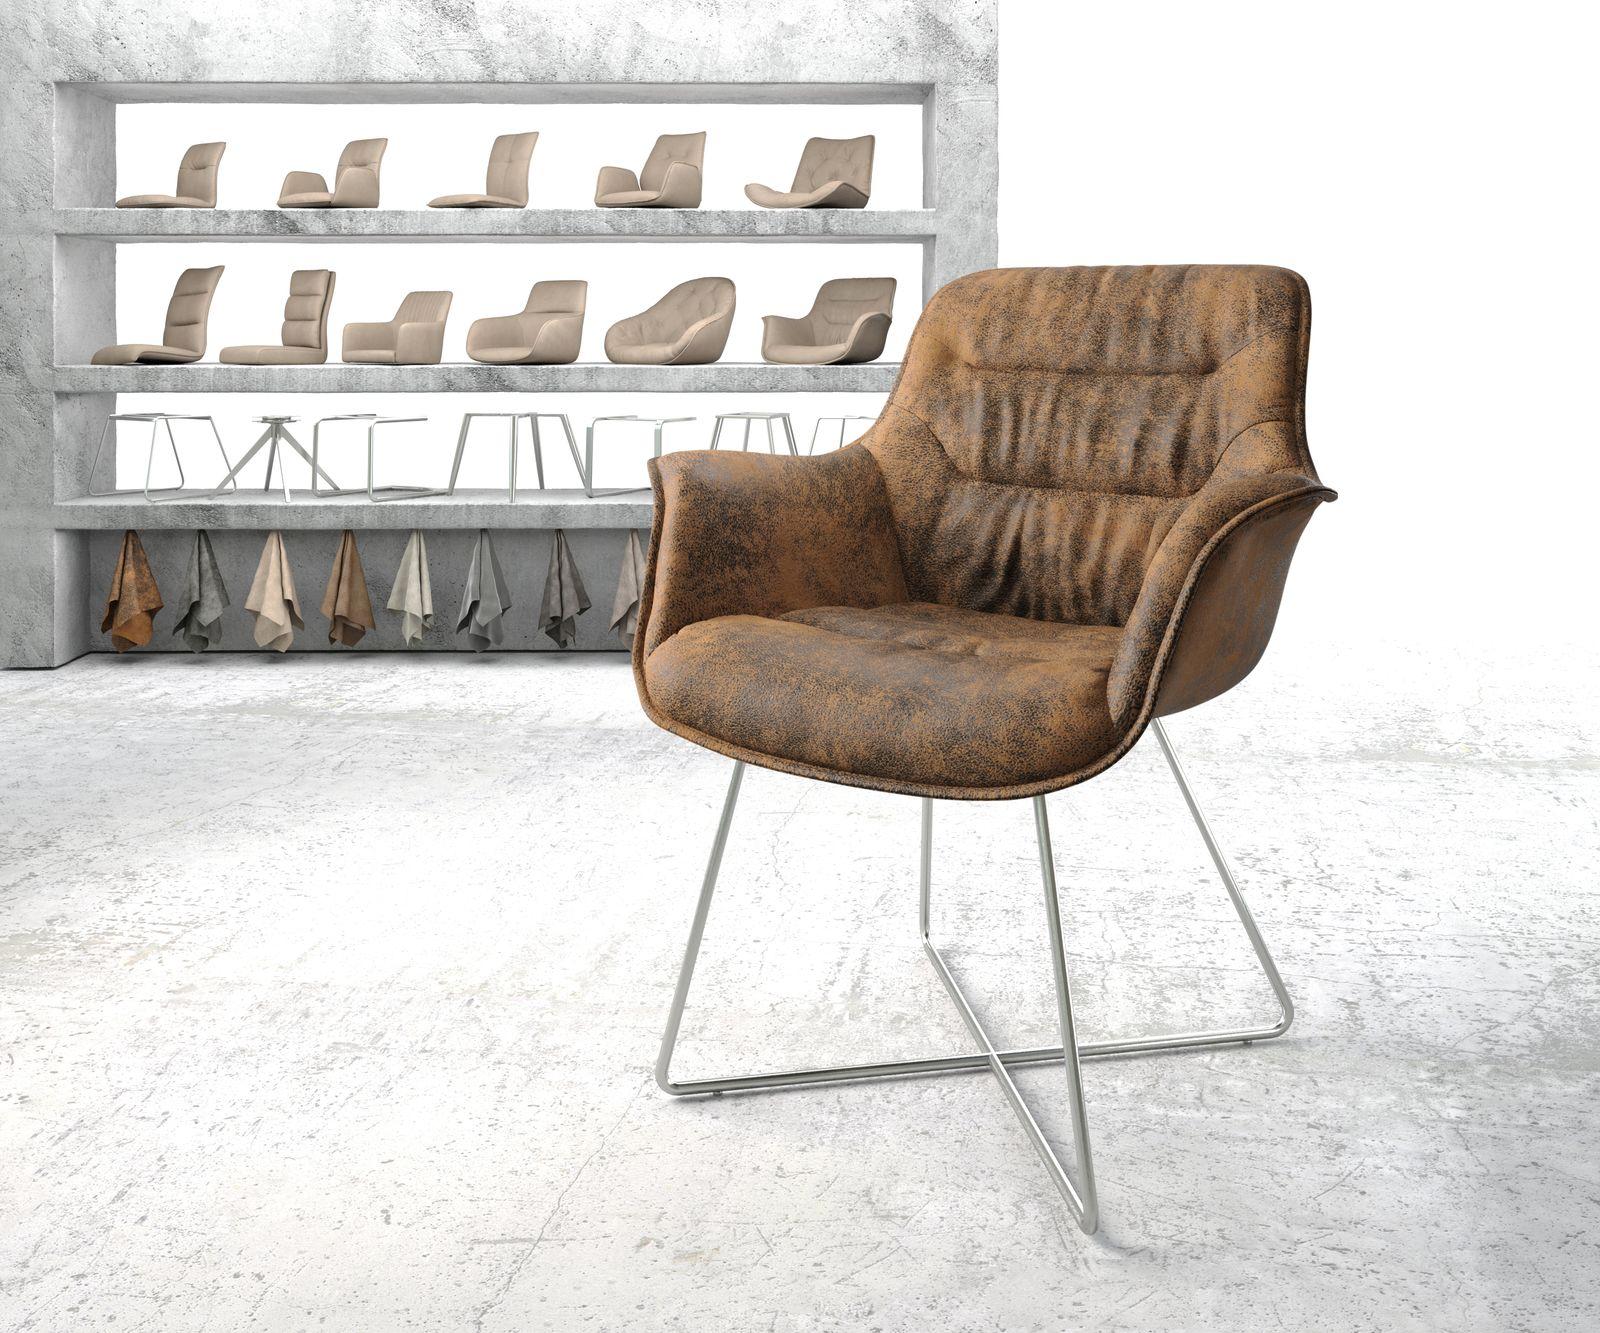 delife-armlehnstuhl-kaira-flex-braun-vintage-x-gestell-edelstahl-esszimmerstuhle